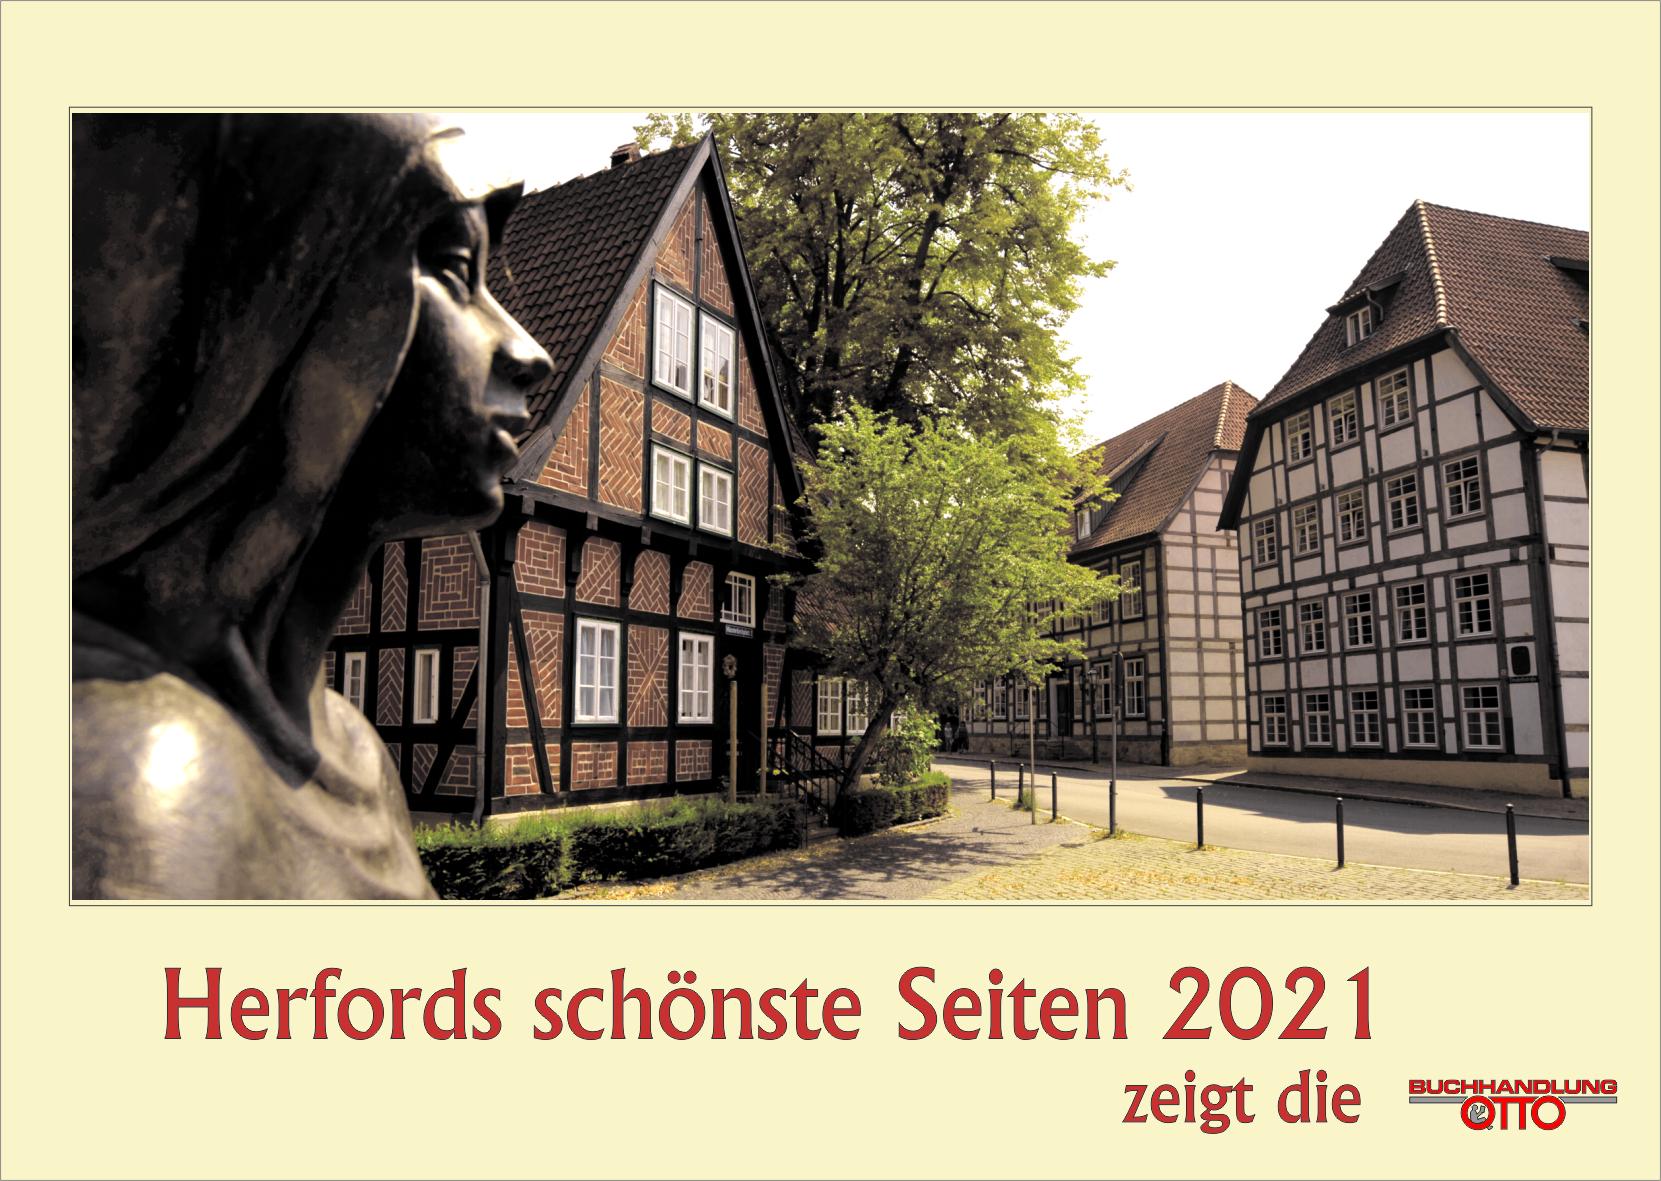 Herfords schönste Seiten 2021